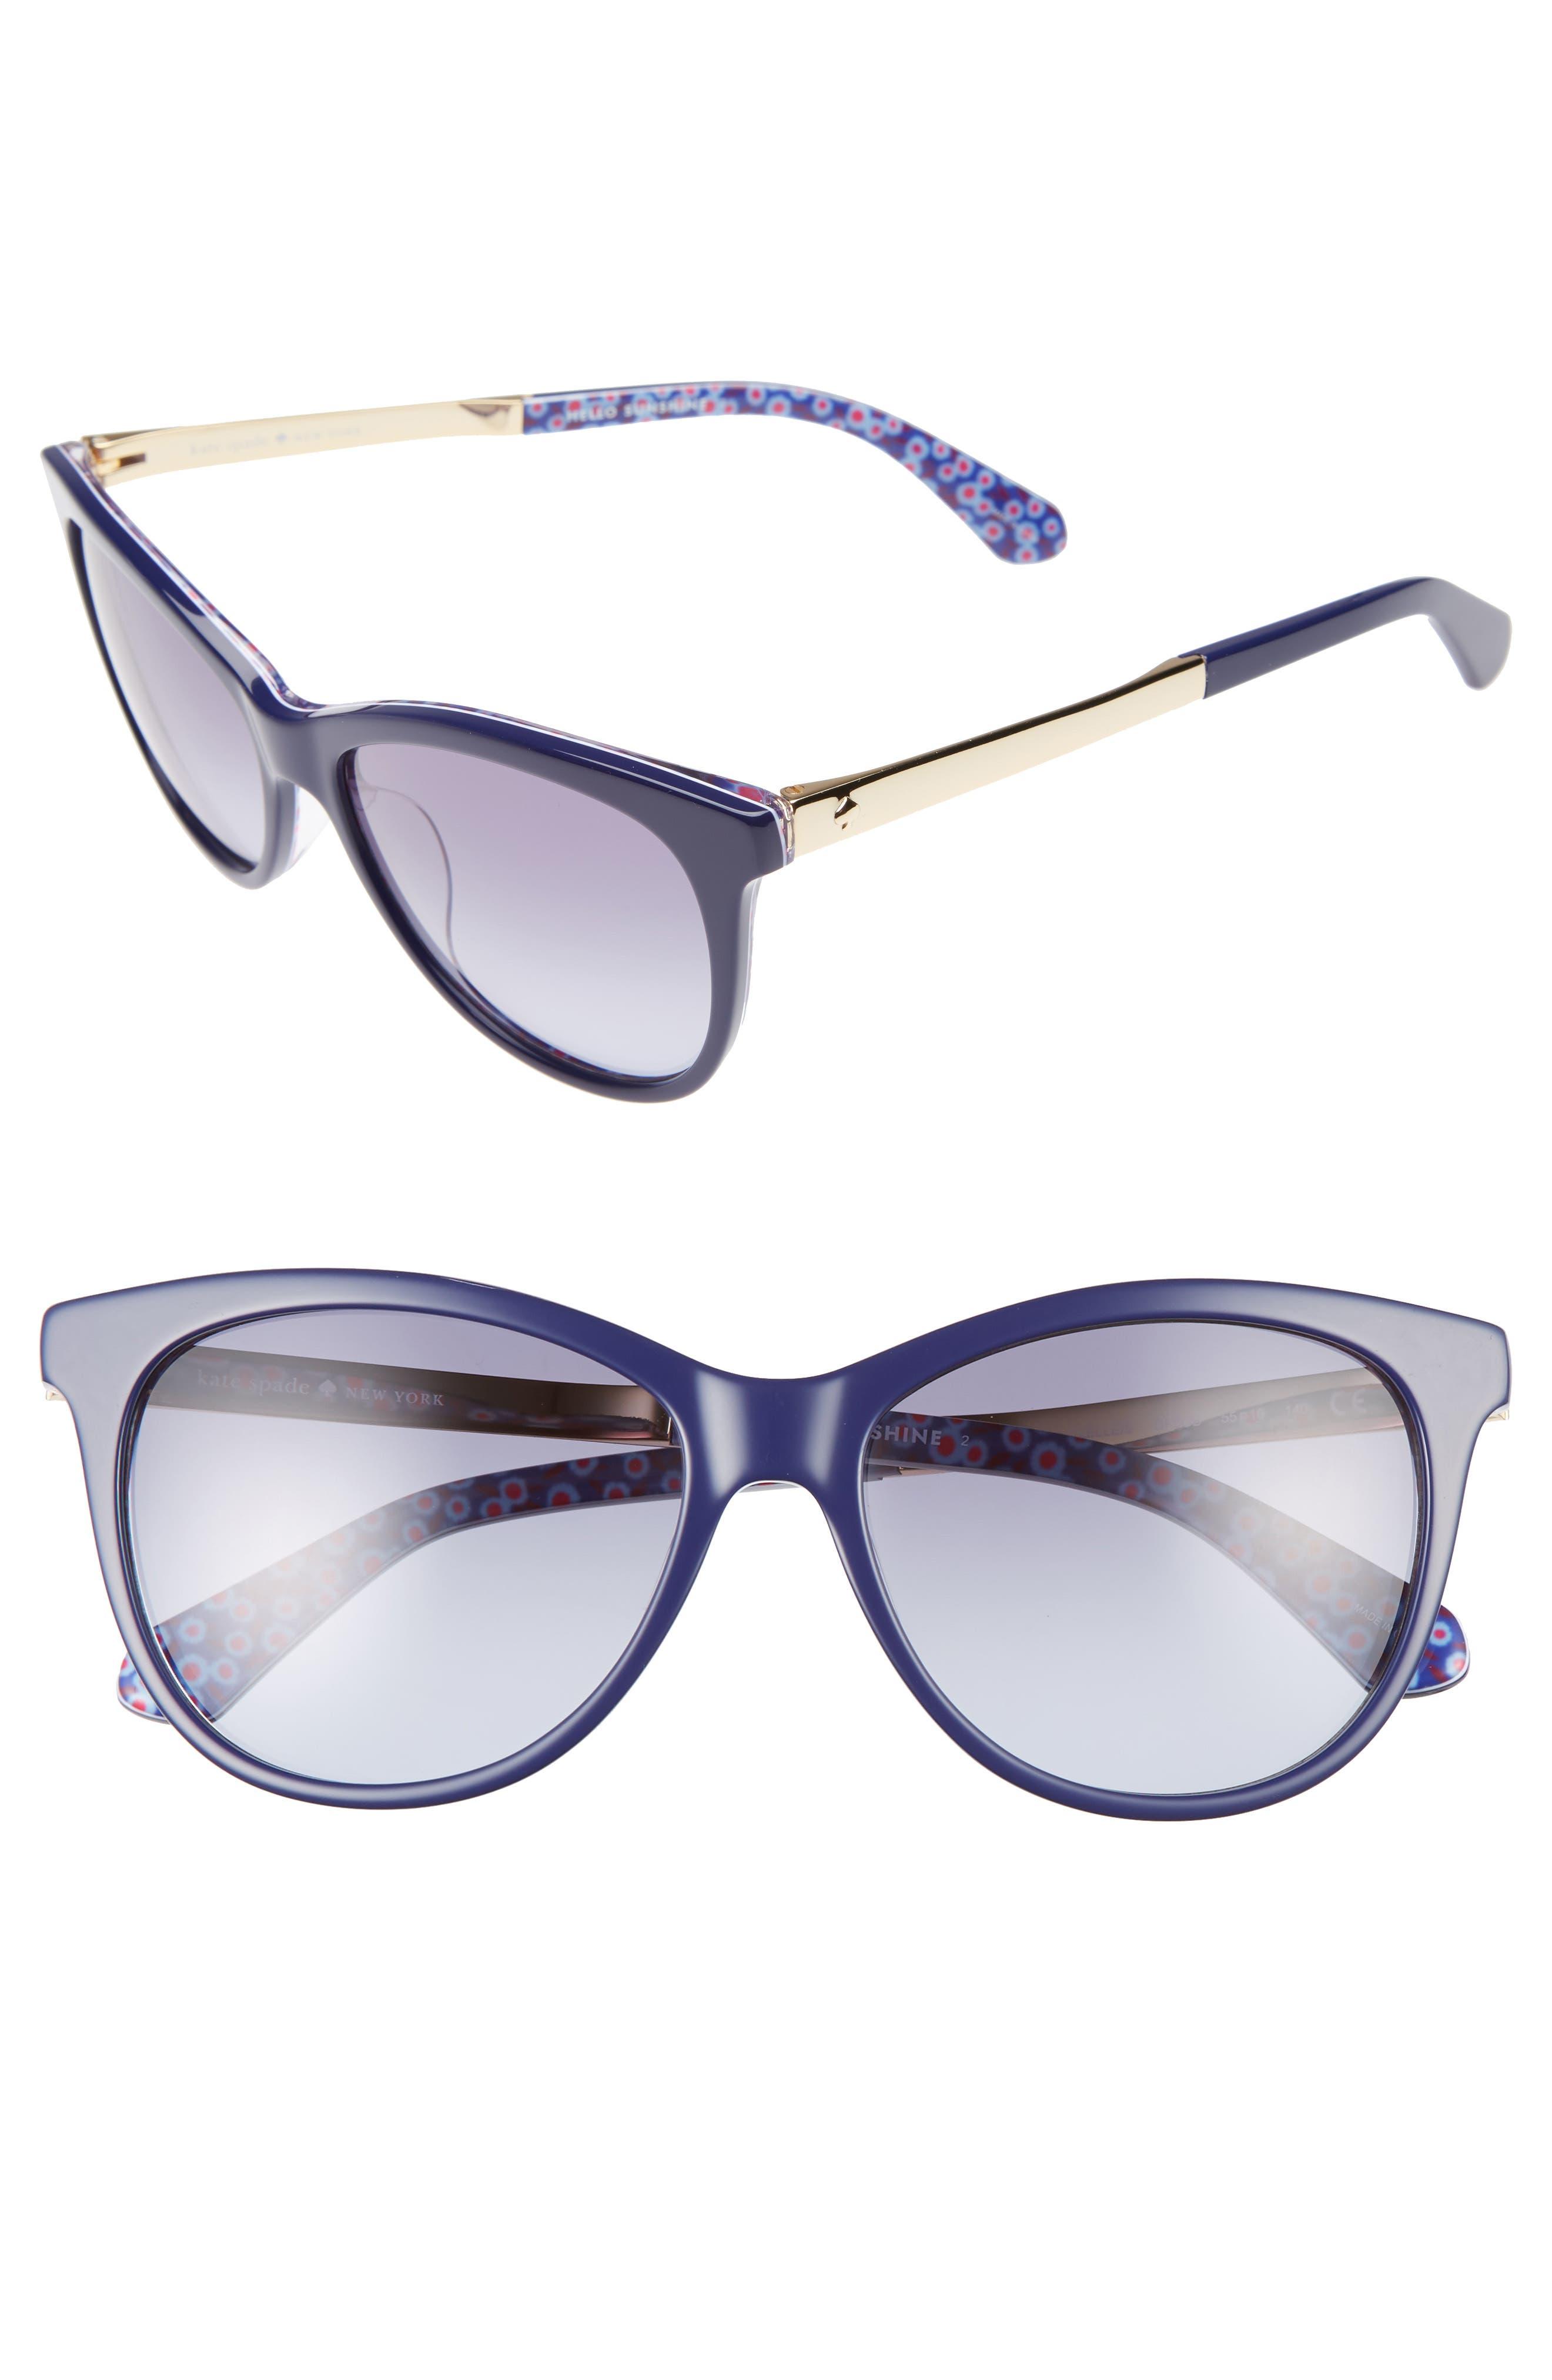 Main Image - kate spade new york jizelle 55mm Gradient Lenses Cat Eye Sunglasses